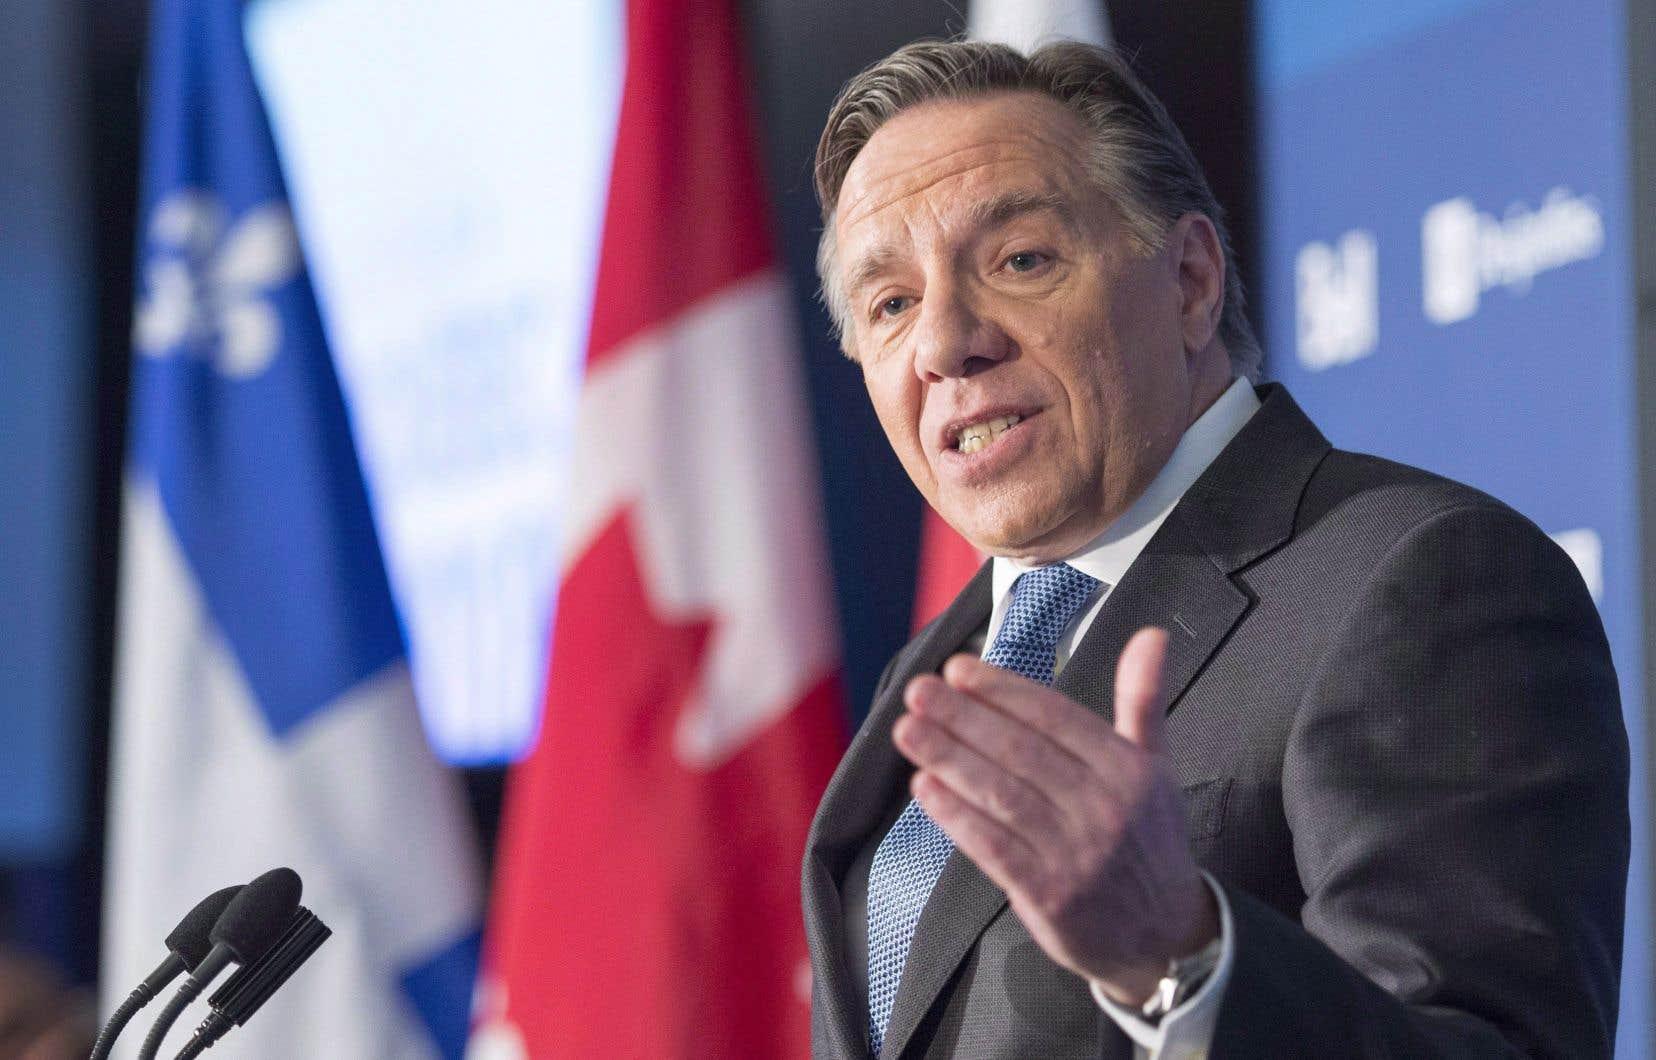 Selon le nouveau sondage, les intentions de vote pour le chef de la Coalition avenir Québec, François Legault, se stabilisent.